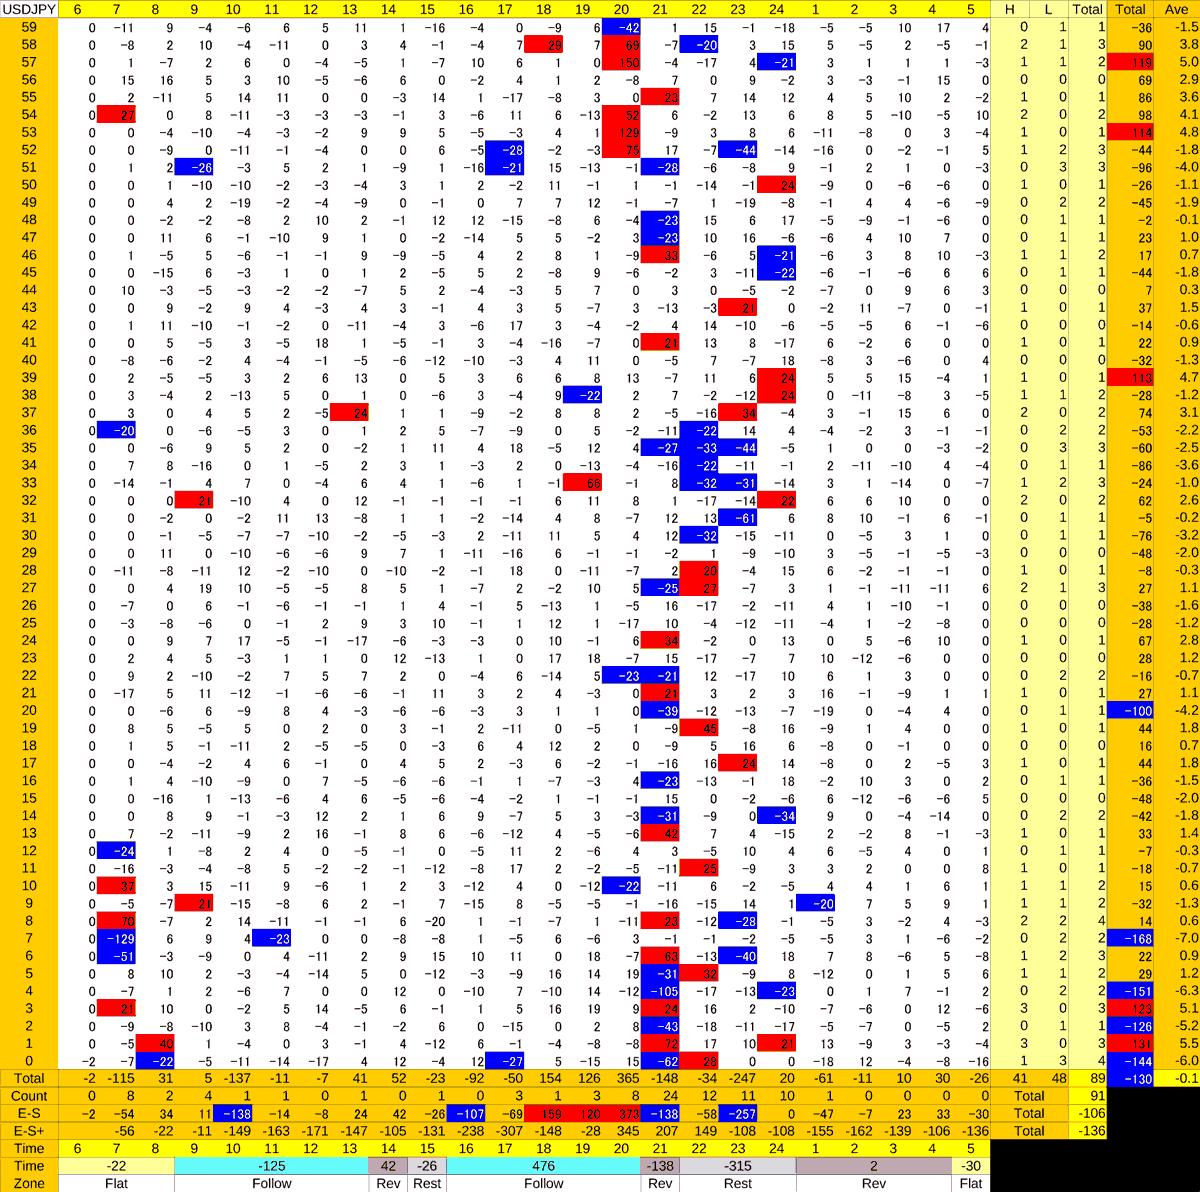 20201116_HS(1)USDJPY